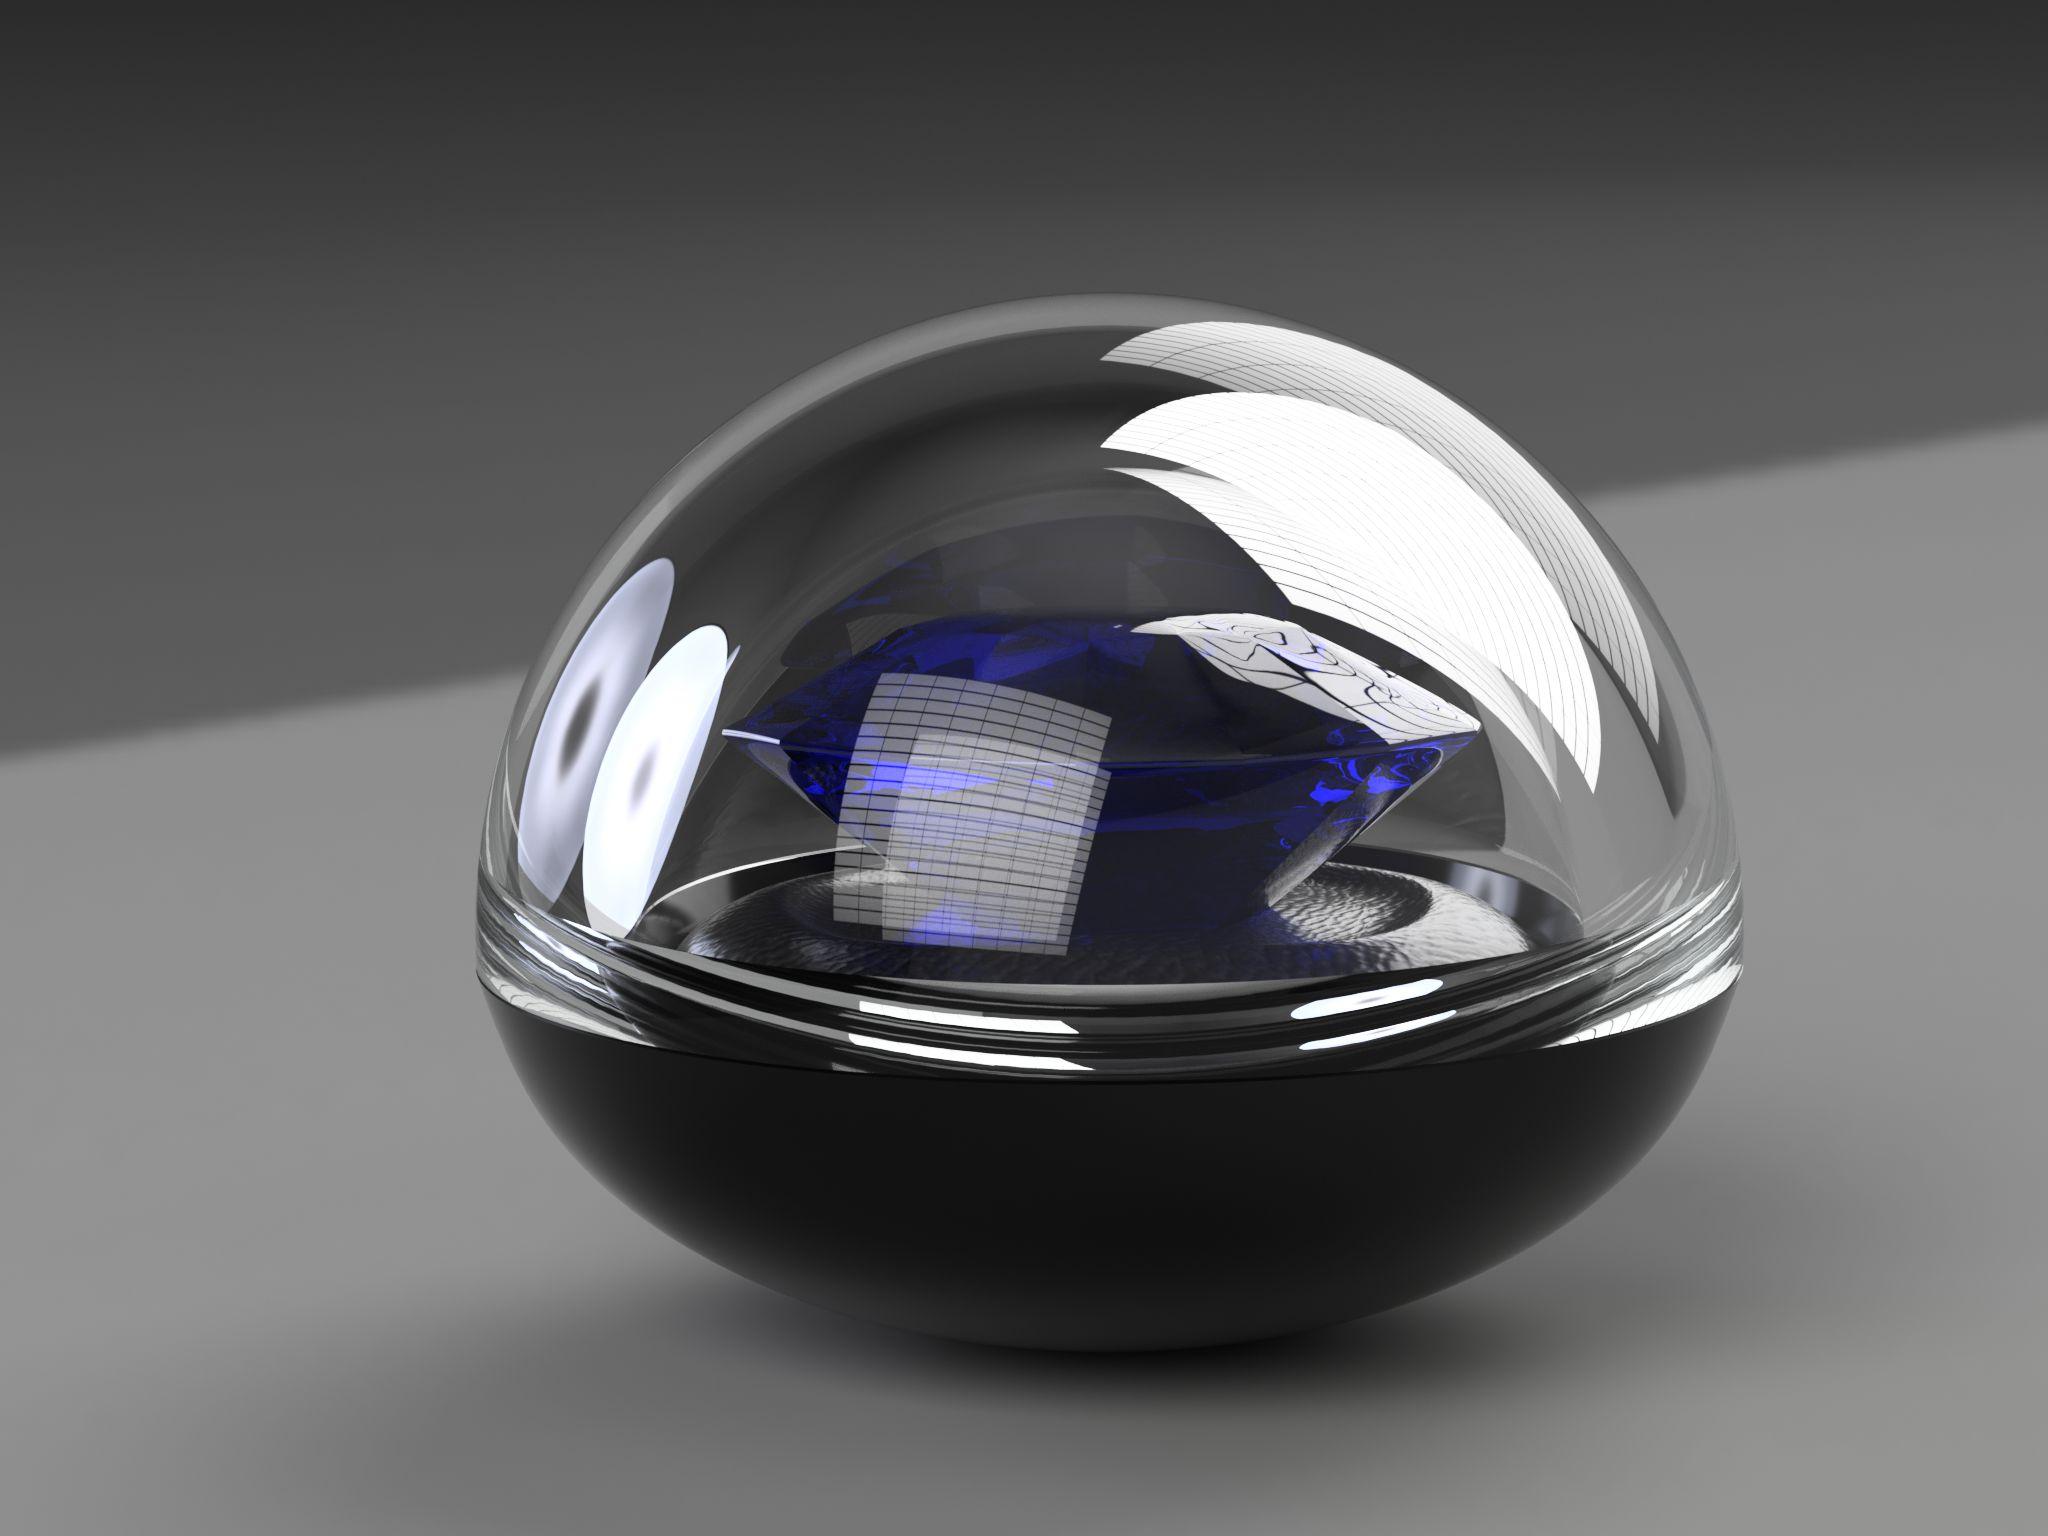 Estuche-con-diamante-2017-jul-25-07-50-39pm-000-customizedview10765607968-3500-3500